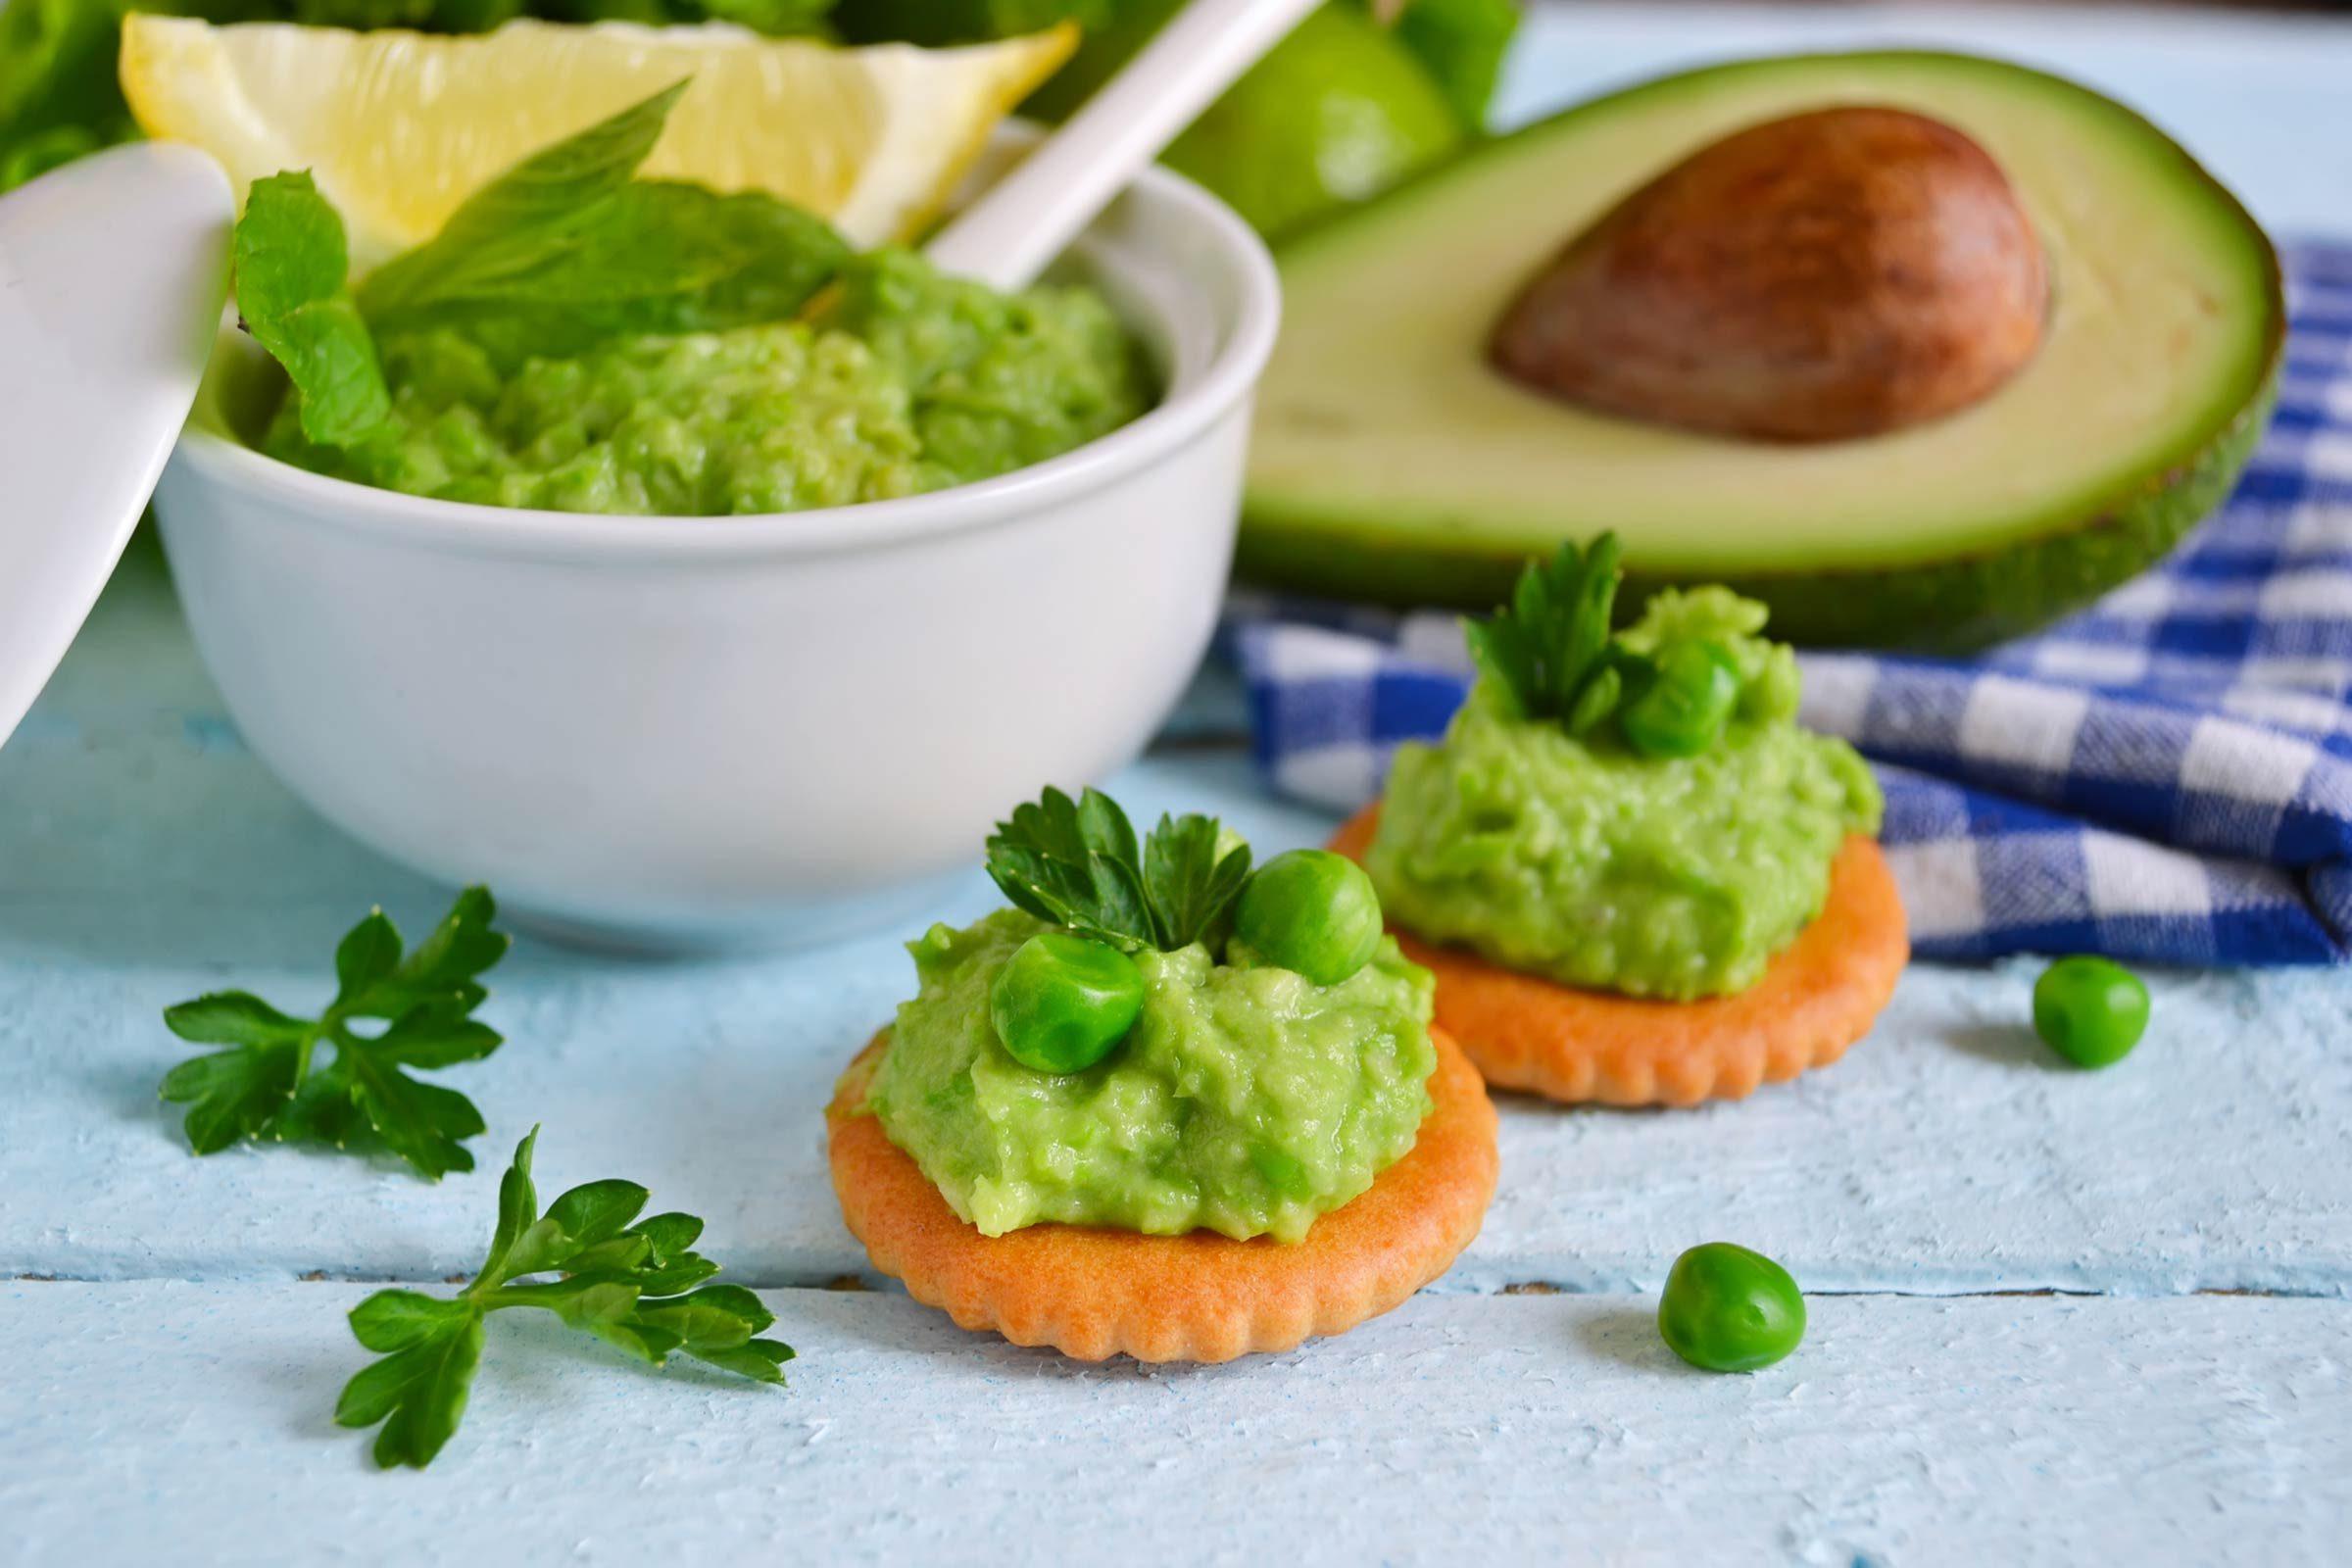 08_Avocado_On_The_go_snacks_